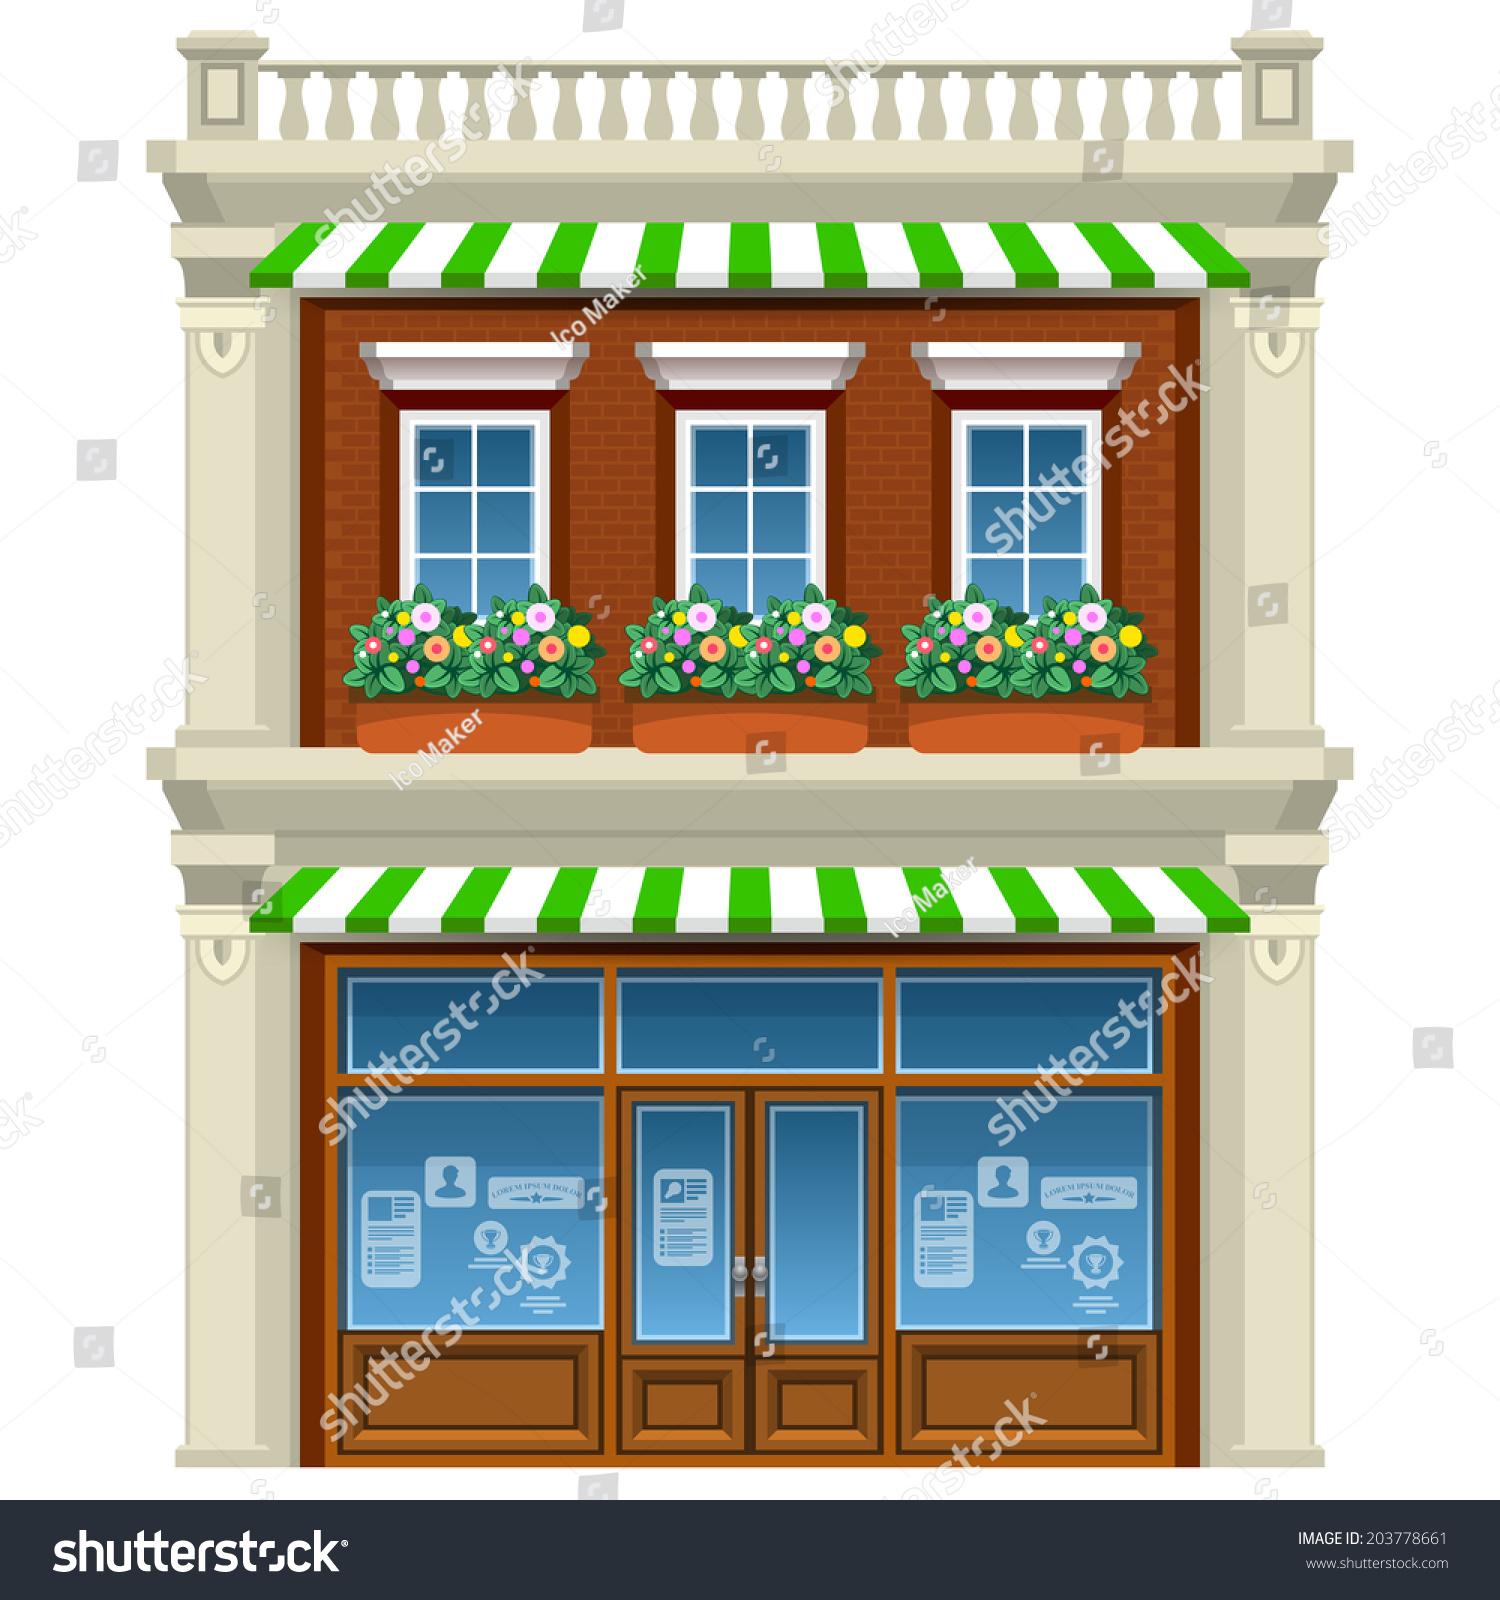 Animated House Windows : Floor house with flowers under windows cartoon vector